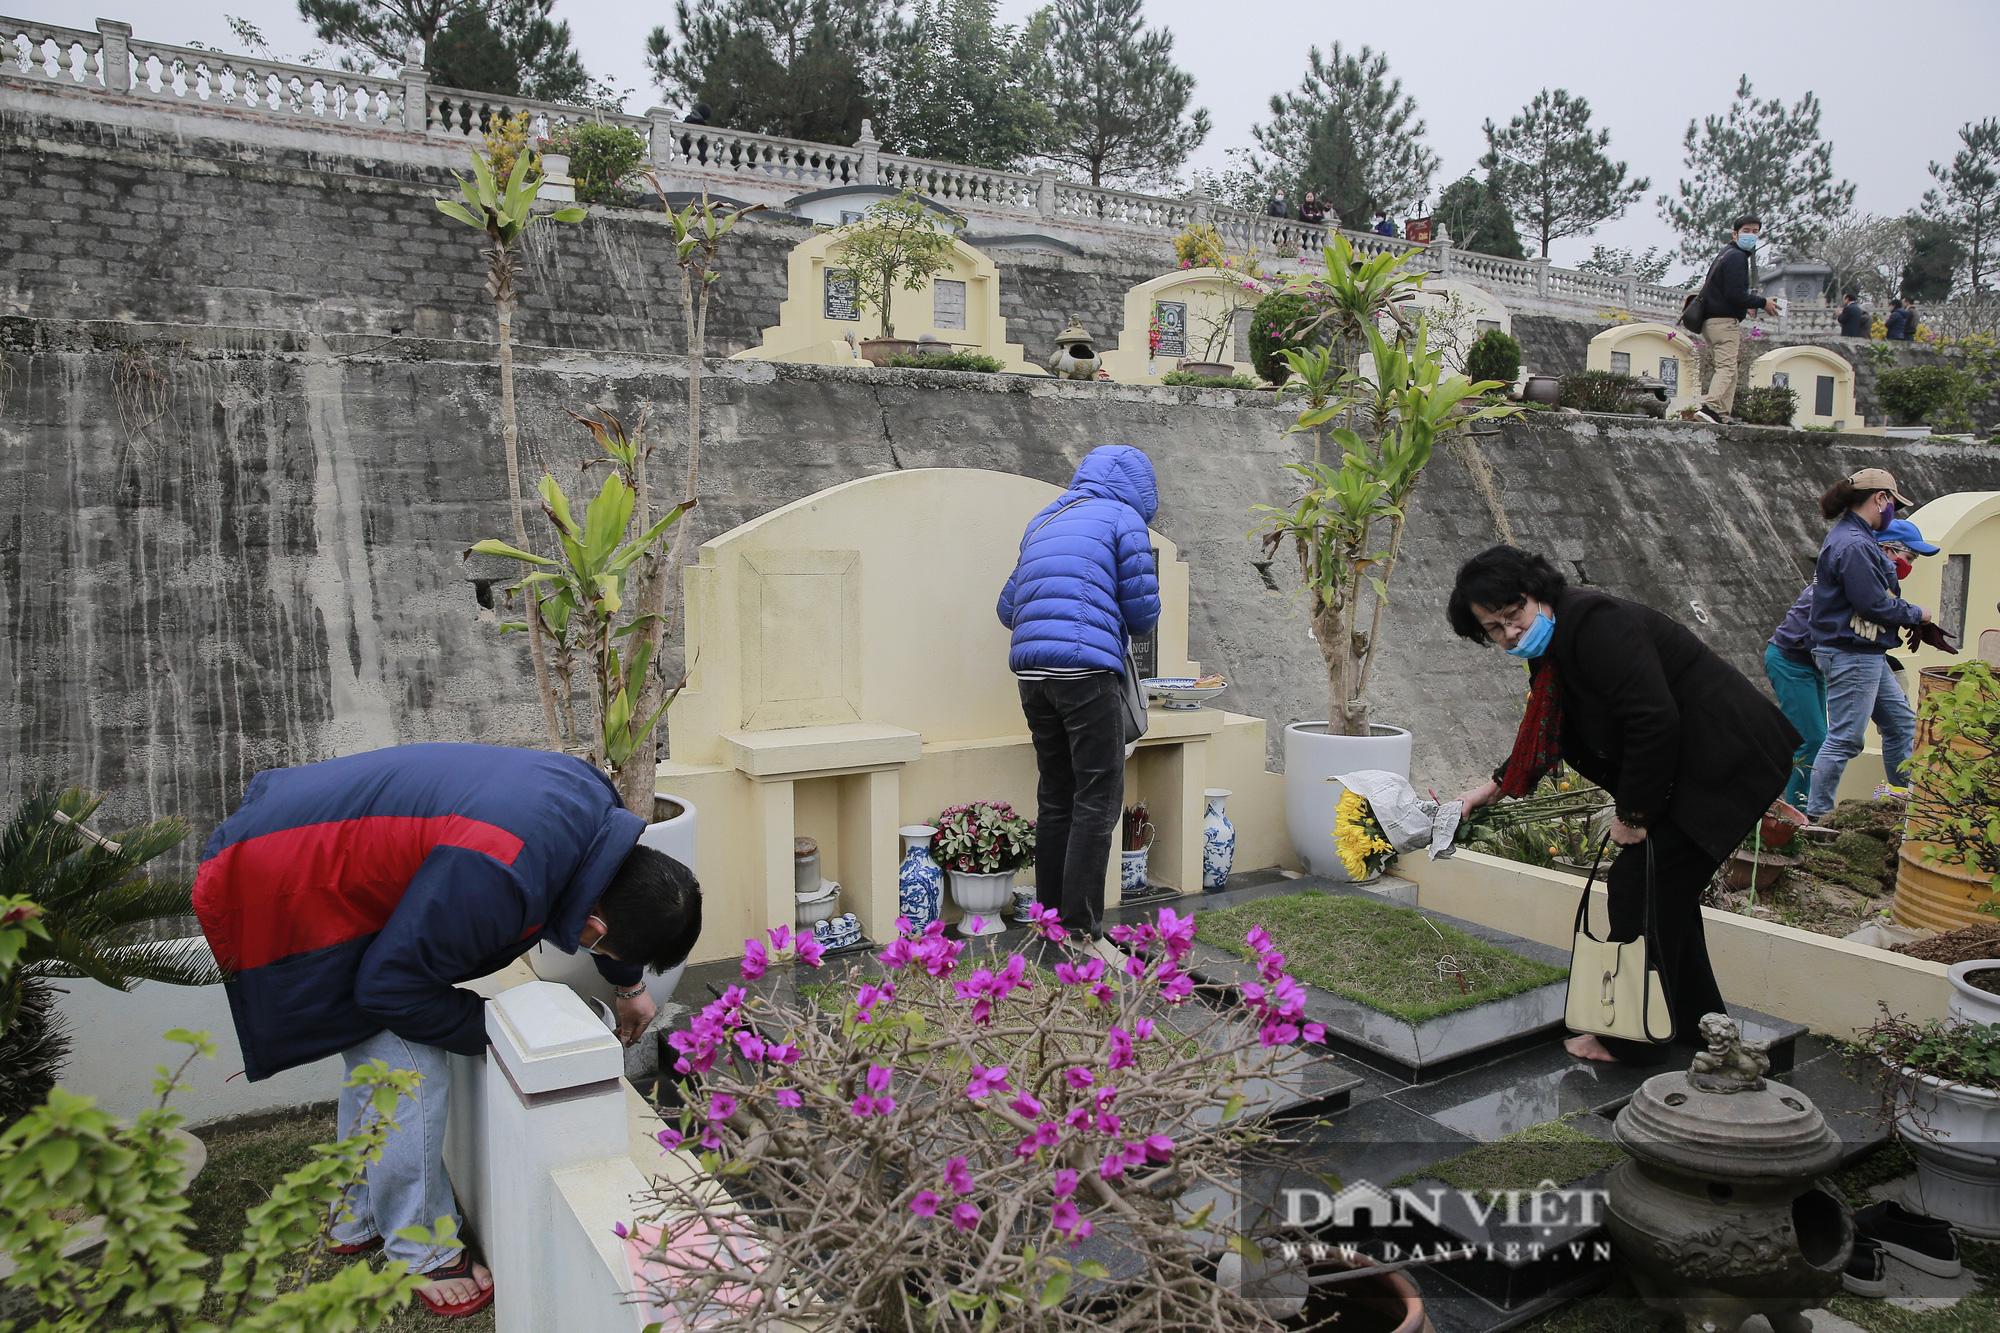 Siêu công viên nghĩa trang 5 sao nhộn nhịp những ngày cận Tết Nguyên đán - Ảnh 3.